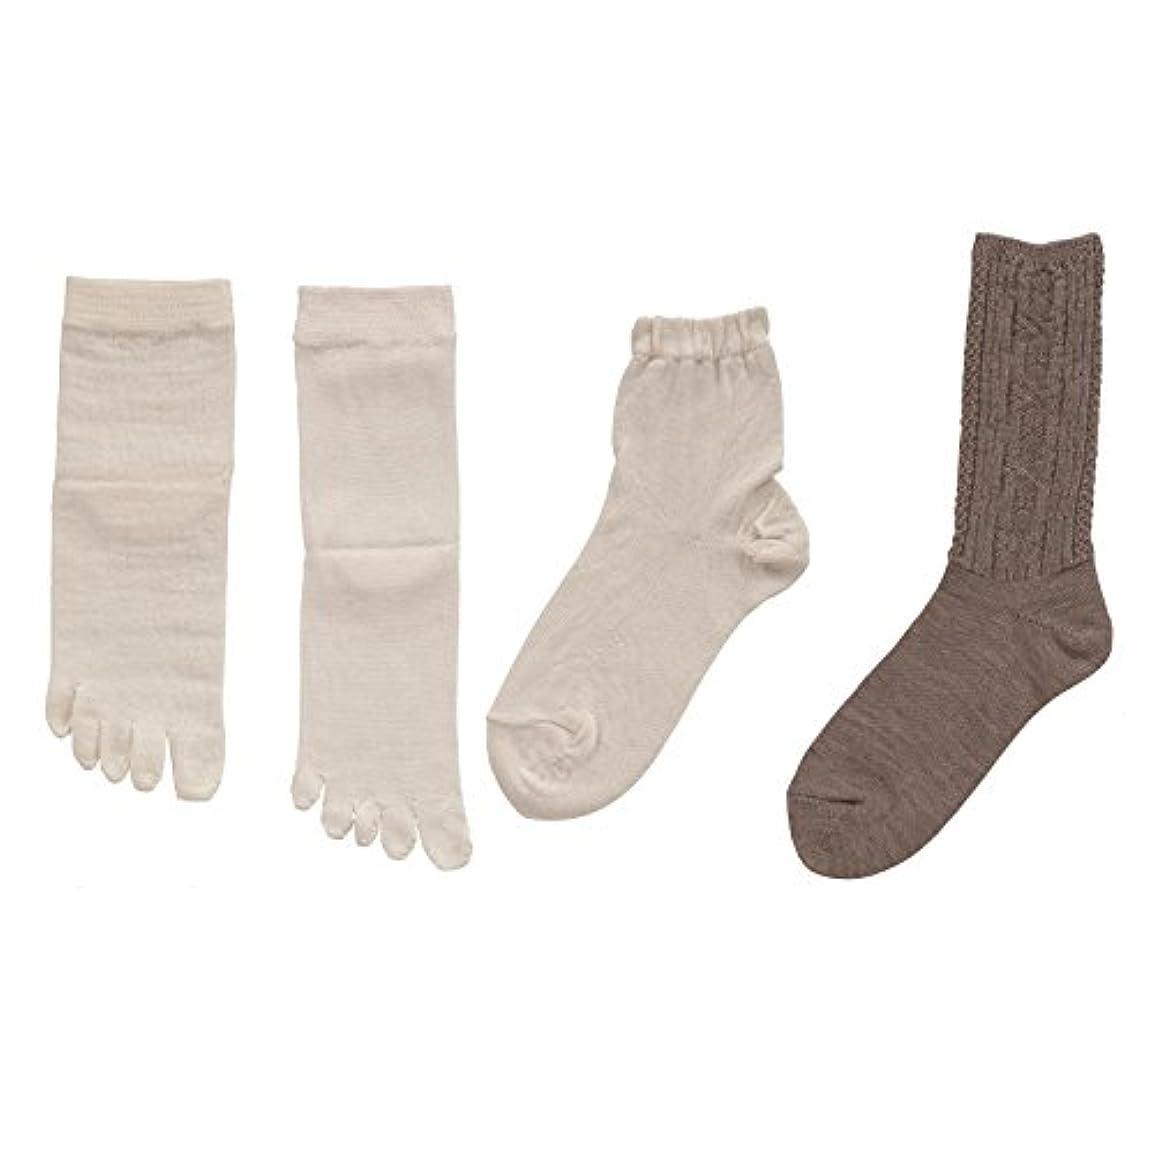 受け取る二層想起砂山靴下 TUMUGI 絹と毛の4枚重ね履き靴下 グレー